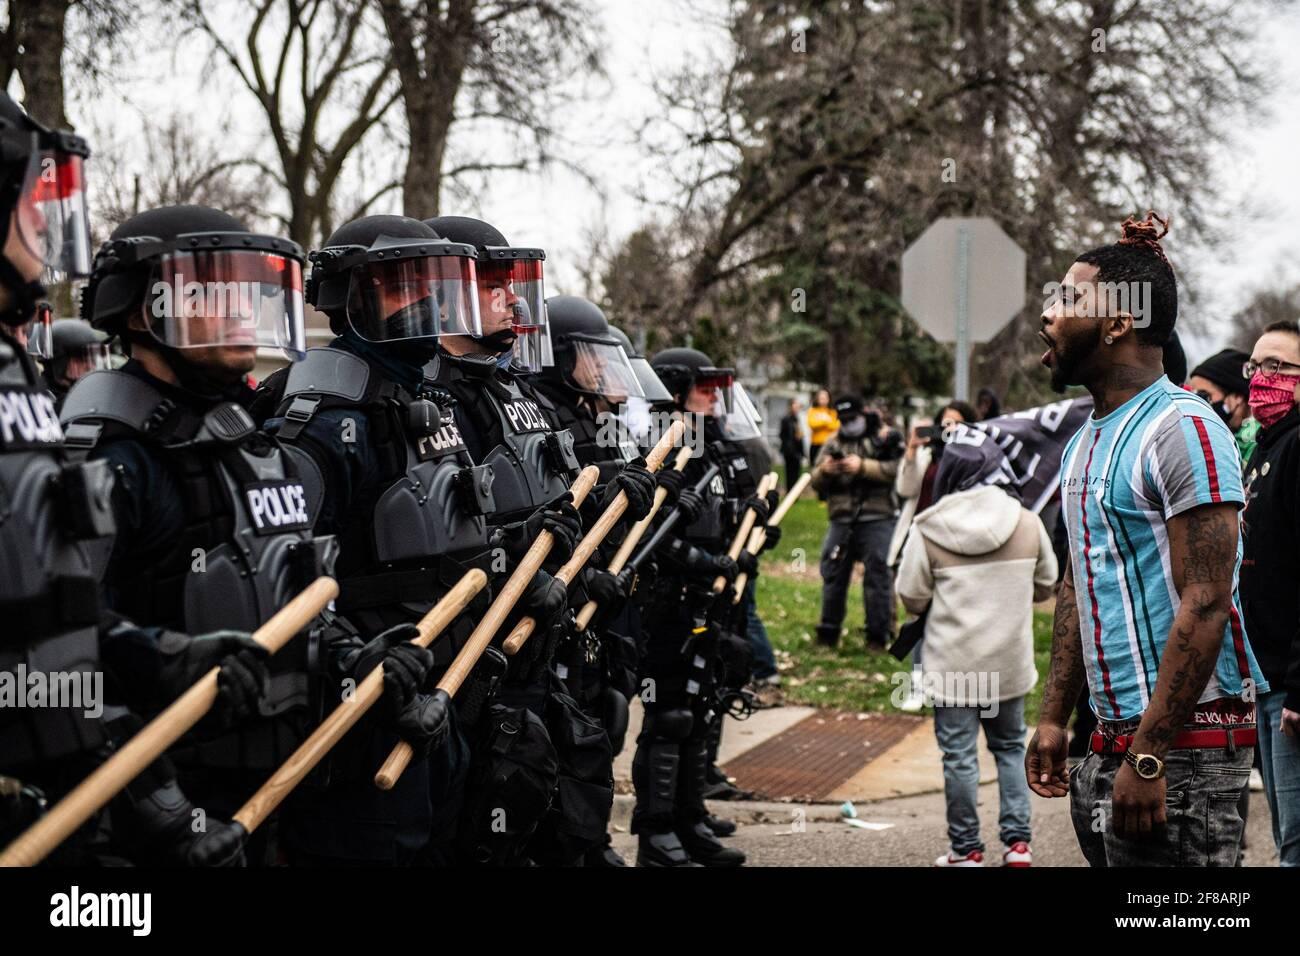 Brooklyn Center, Stati Uniti. 11 Apr 2021. I manifestanti si manifestano vicino all'angolo tra Katherene Drive e 63rd Ave North il 11 aprile 2021 a Brooklyn Center, Minnesota, dopo l'uccisione di Daunte Wright. Foto: Chris Tuite/ImageSPACE Credit: Imagespace/Alamy Live News Foto Stock